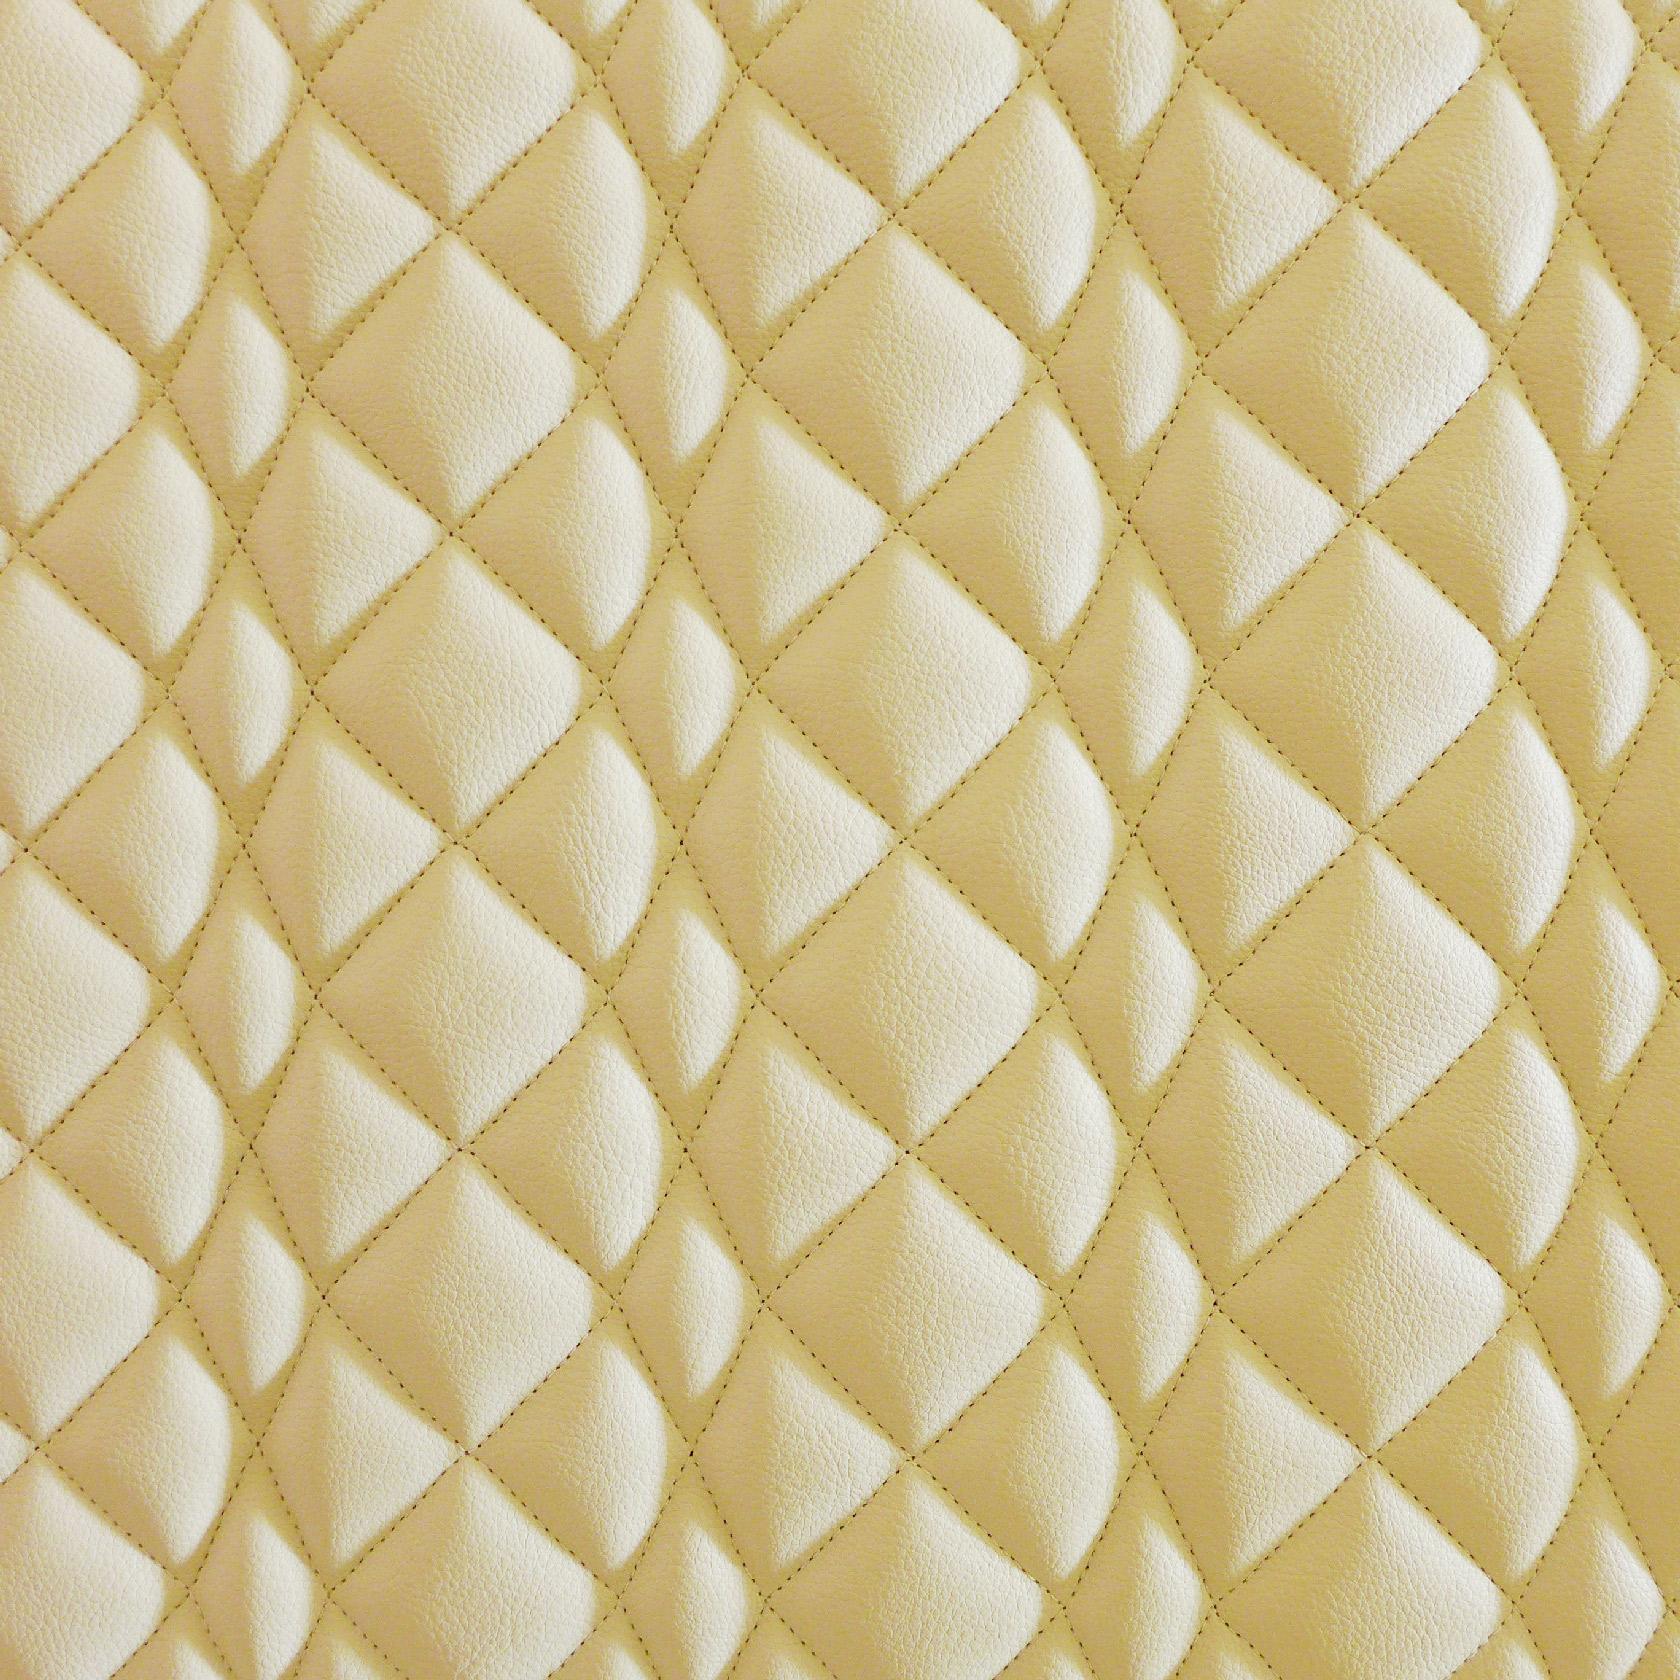 Détail d'une banquette. Le cuir est matelassé de façon à faire des motifs en relief.